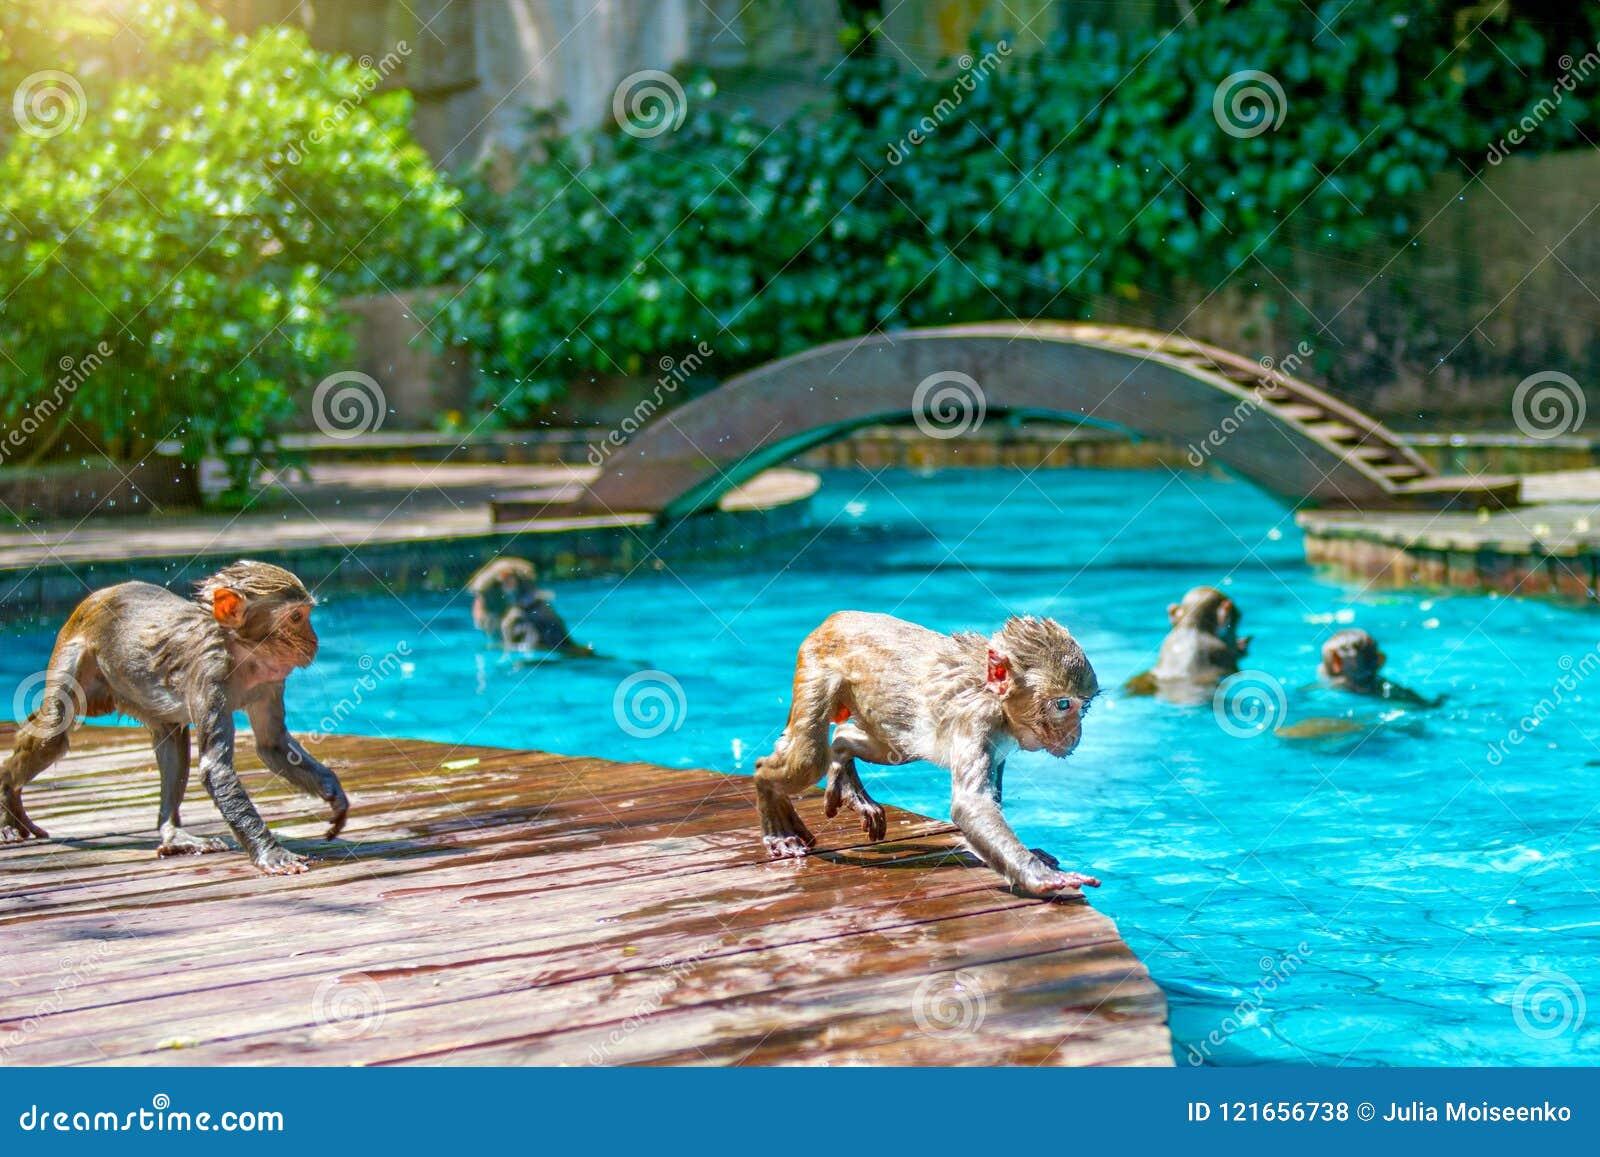 Spiel Schwimmen Kostenlos